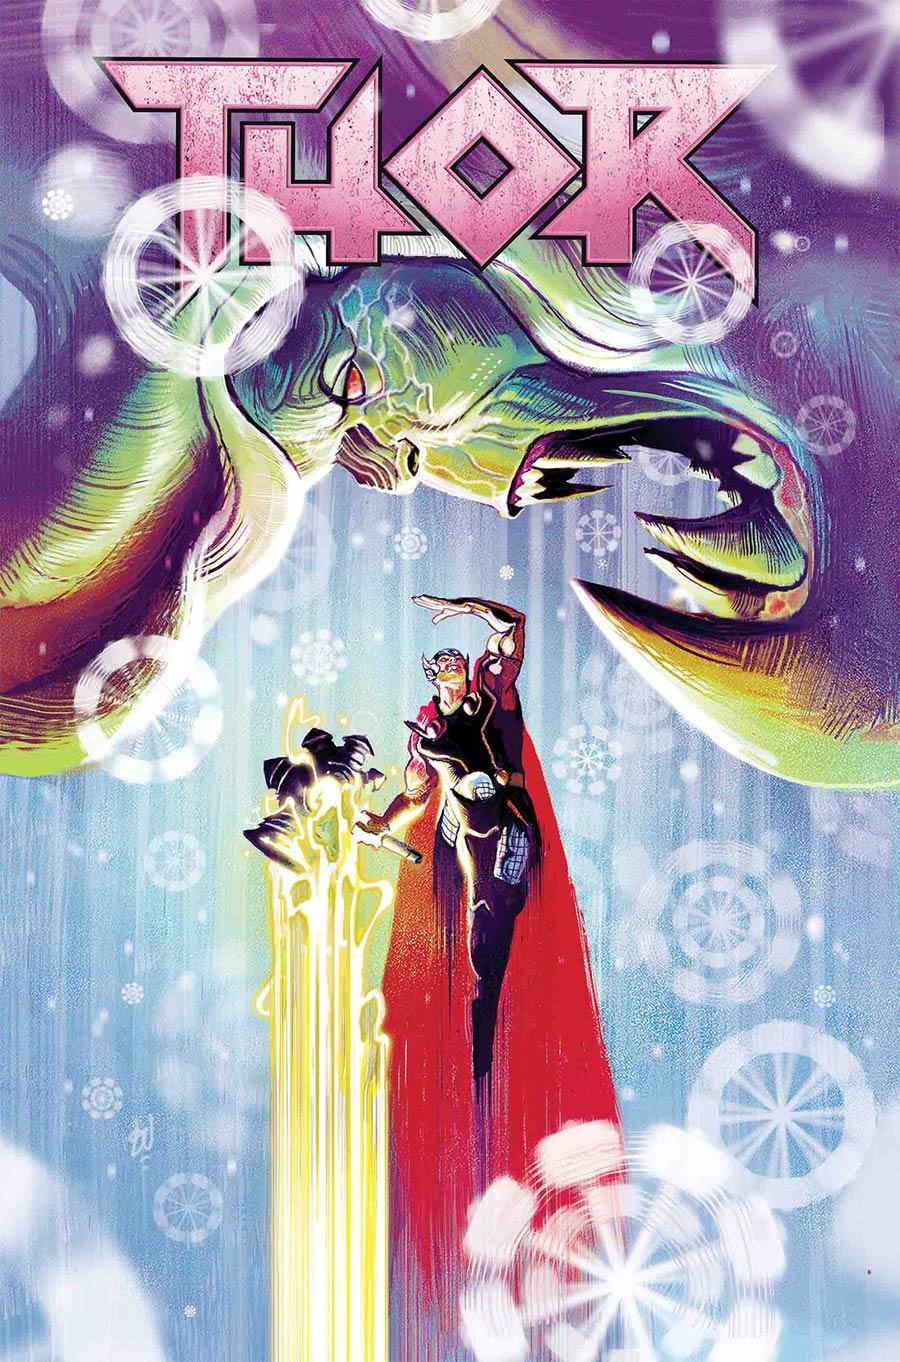 Thor Vol 5 #9 Cover A Regular Mike Del Mundo Cover